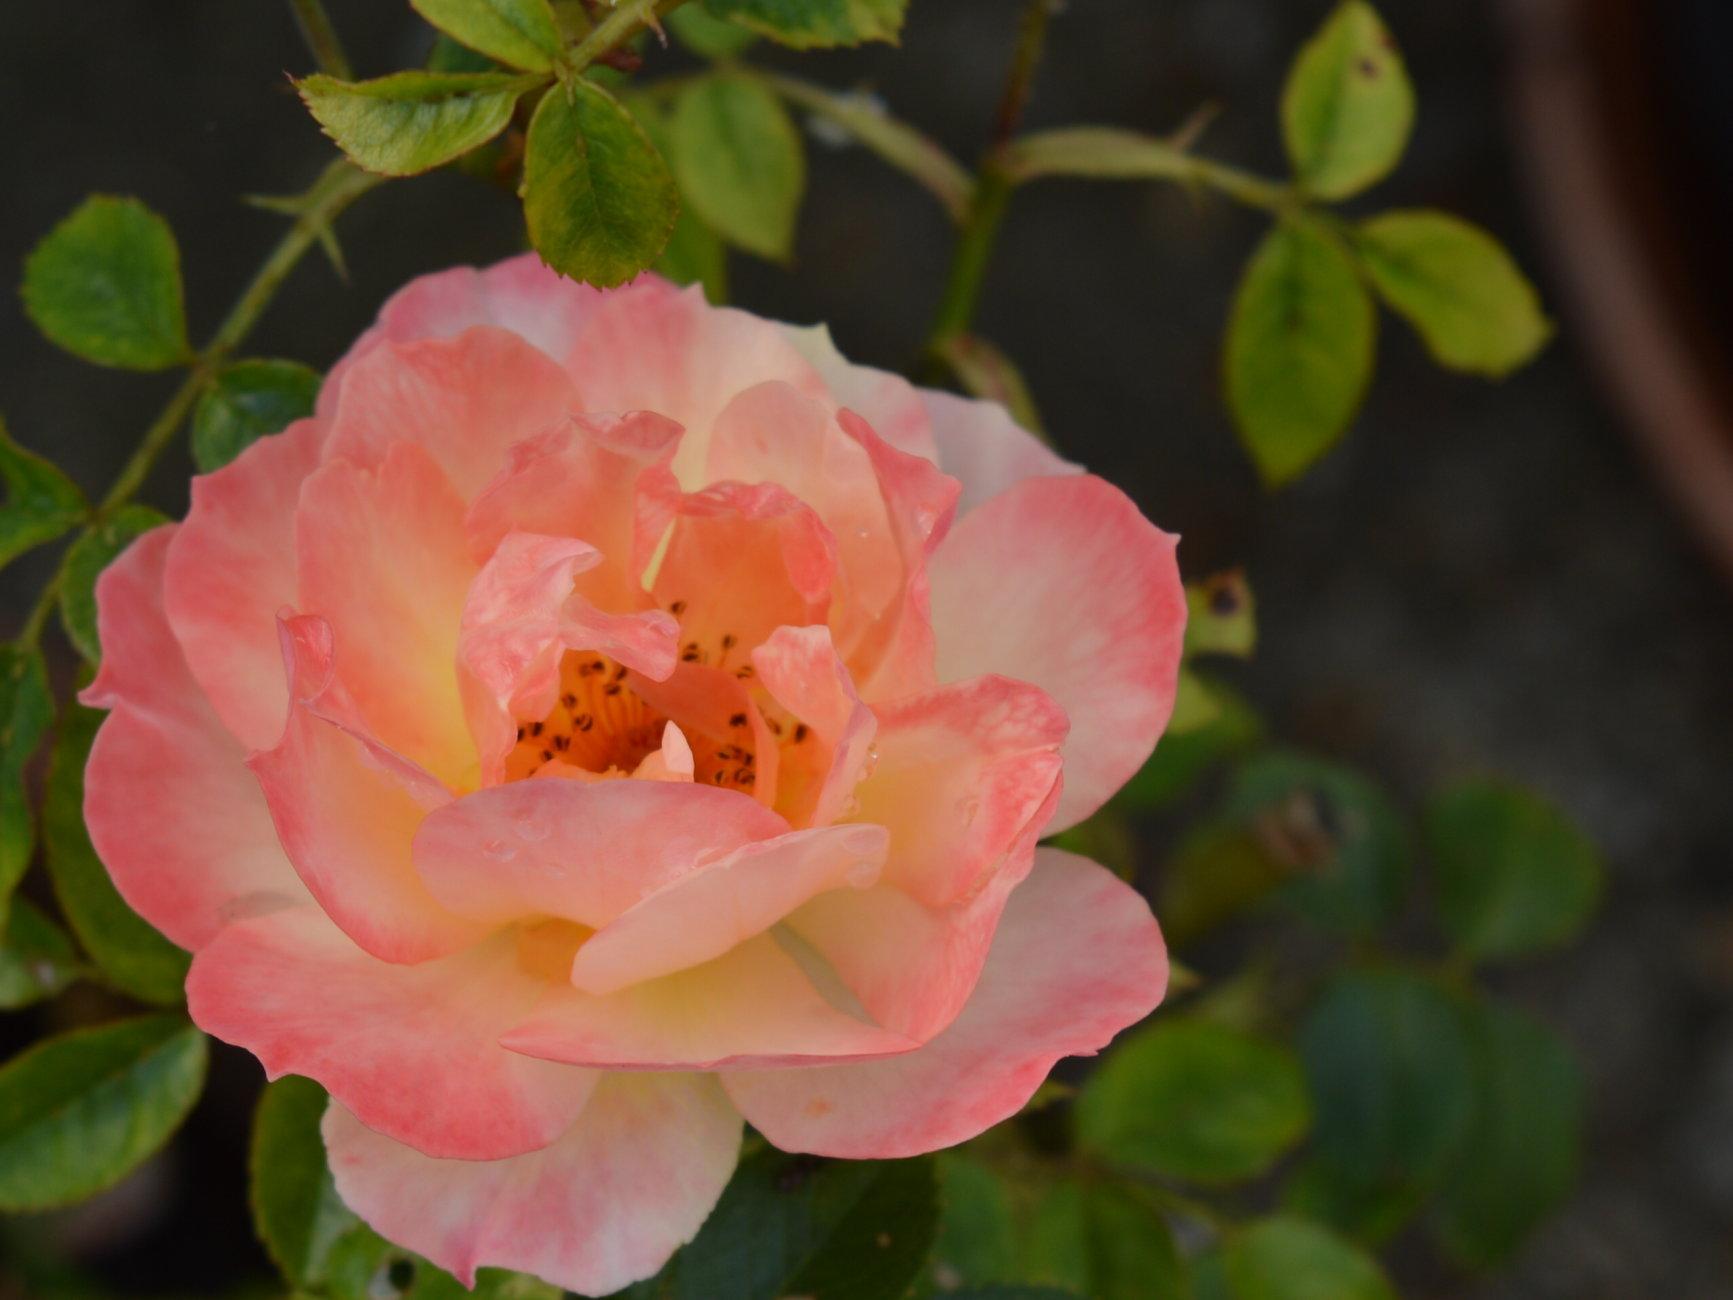 TRI-COLOURED ROSE